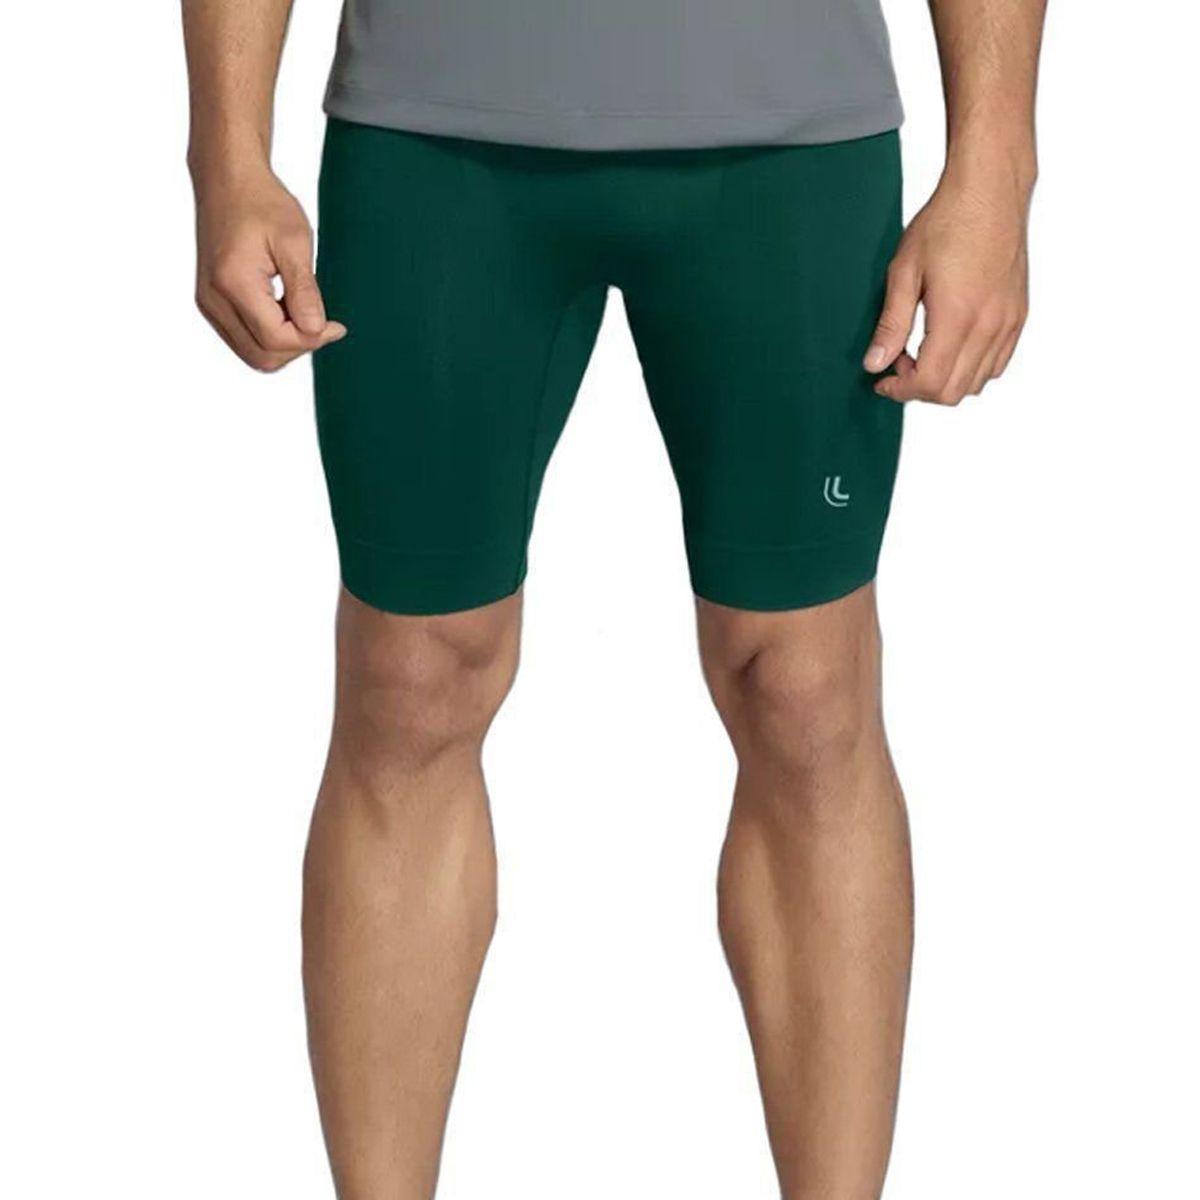 Shorts Masculino  Lupo com Alta Compressão -   Bermuda Térmica i-max